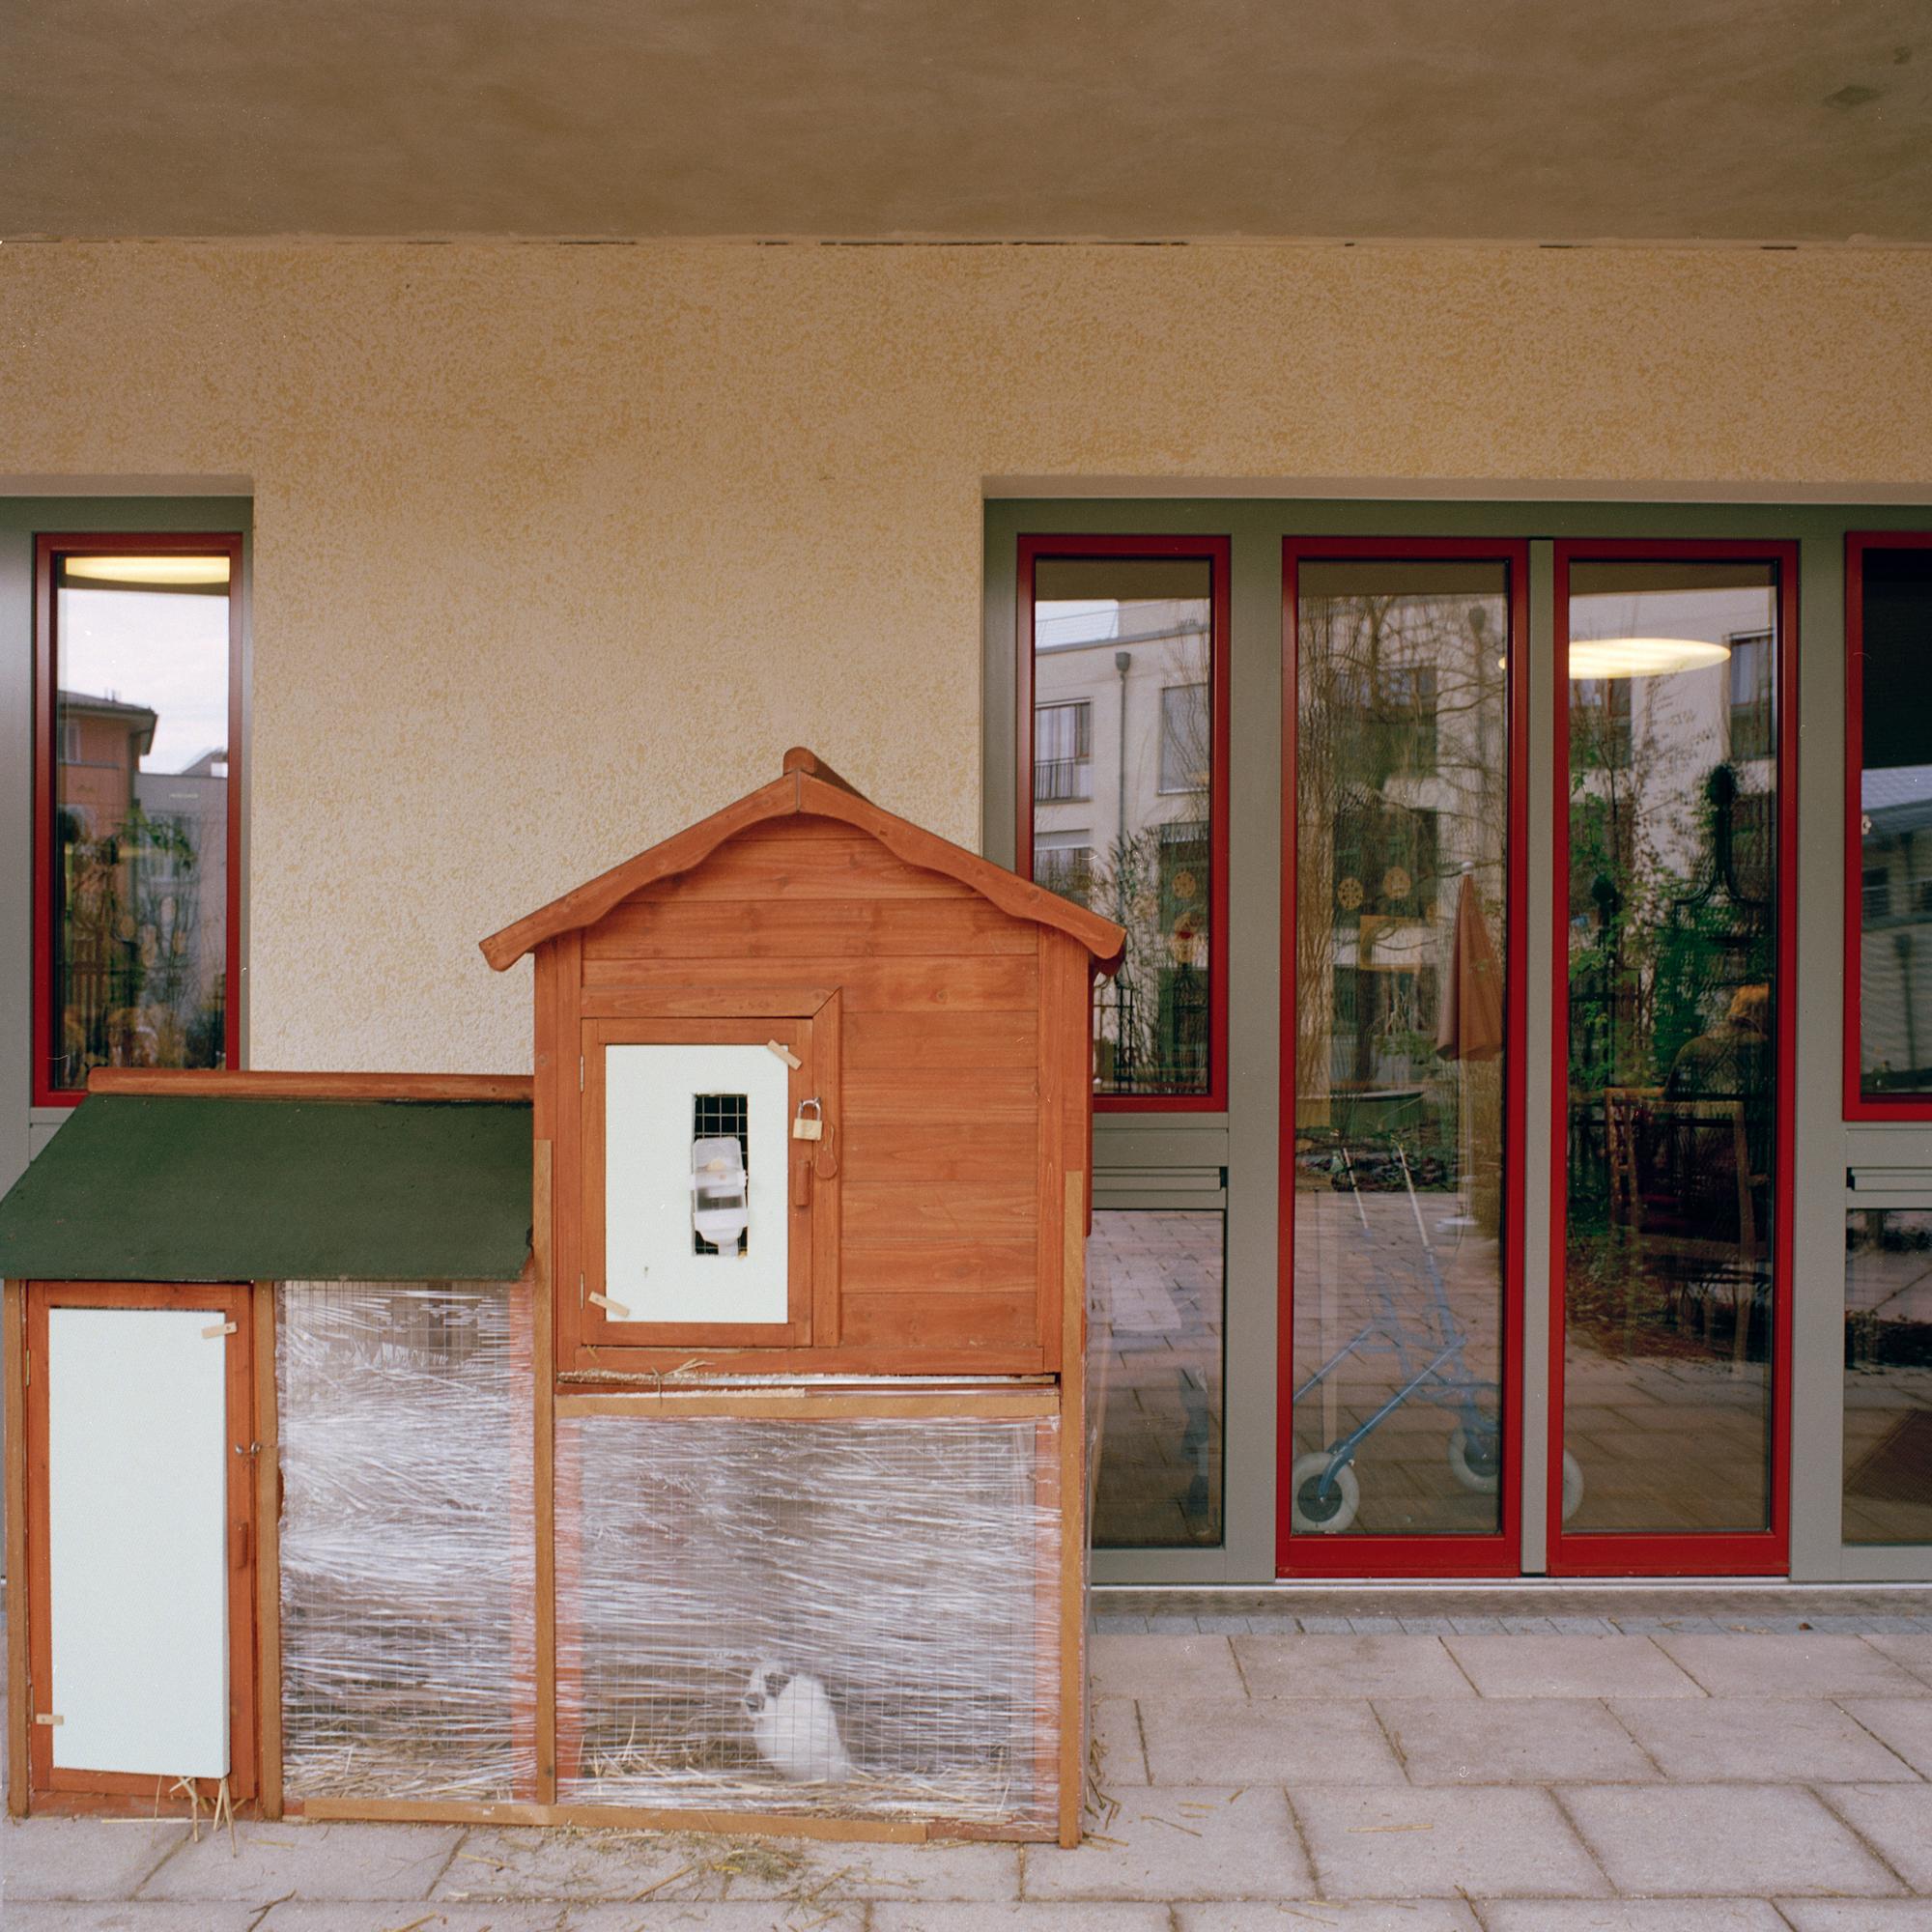 Luise-Kiesselbach-Haus (Kuratorium Wohnen im Alter) , Muenchen. Kleintierhaus im Gartenbereich in der Einrichtung Luise-Kiesselbach in der Graf Lehndorf Strasse 24, Muenchen am 18. Januar 2011. Fotograf: Evi Lemberger